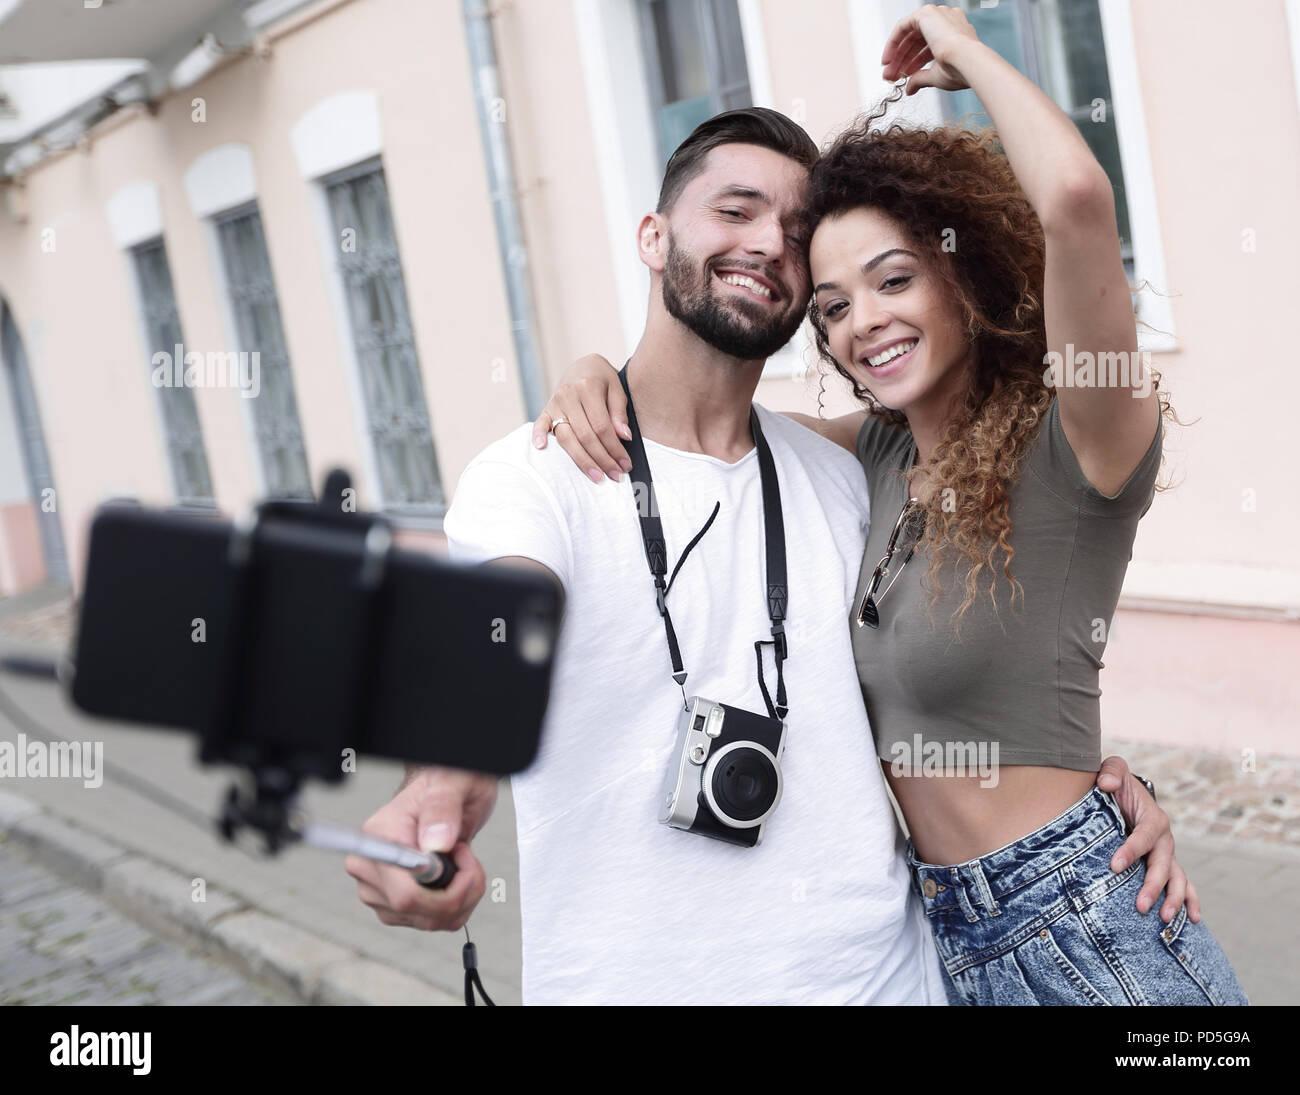 Bon voyage couple, selfies humeur romantique. Banque D'Images